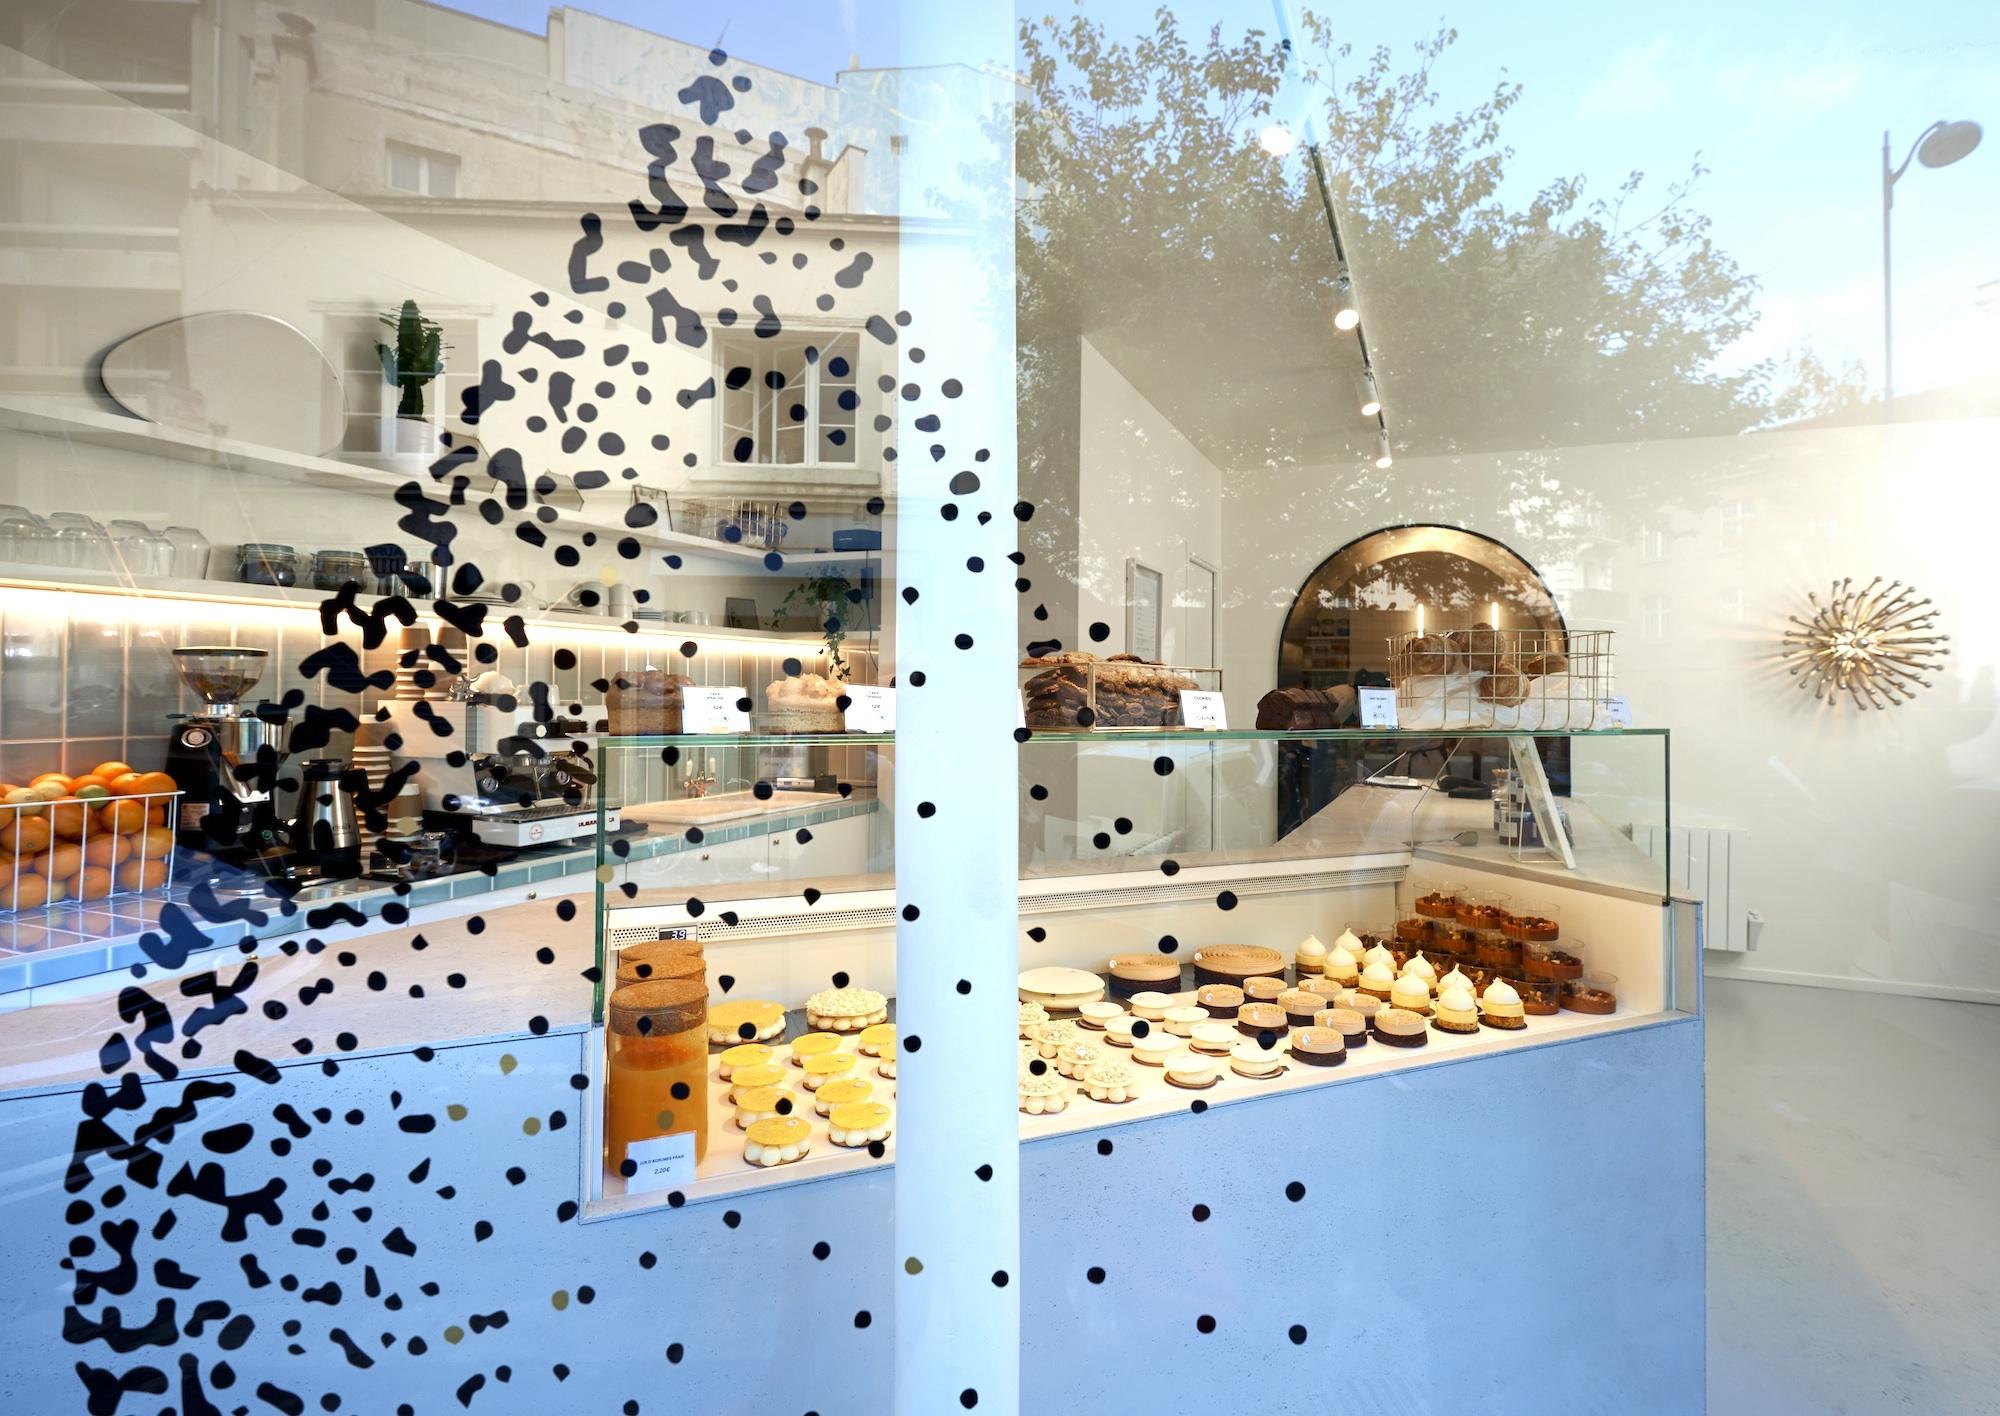 Yann Menguy's pastries in Paris cake shop La Goutte d'Or, seen through the window.